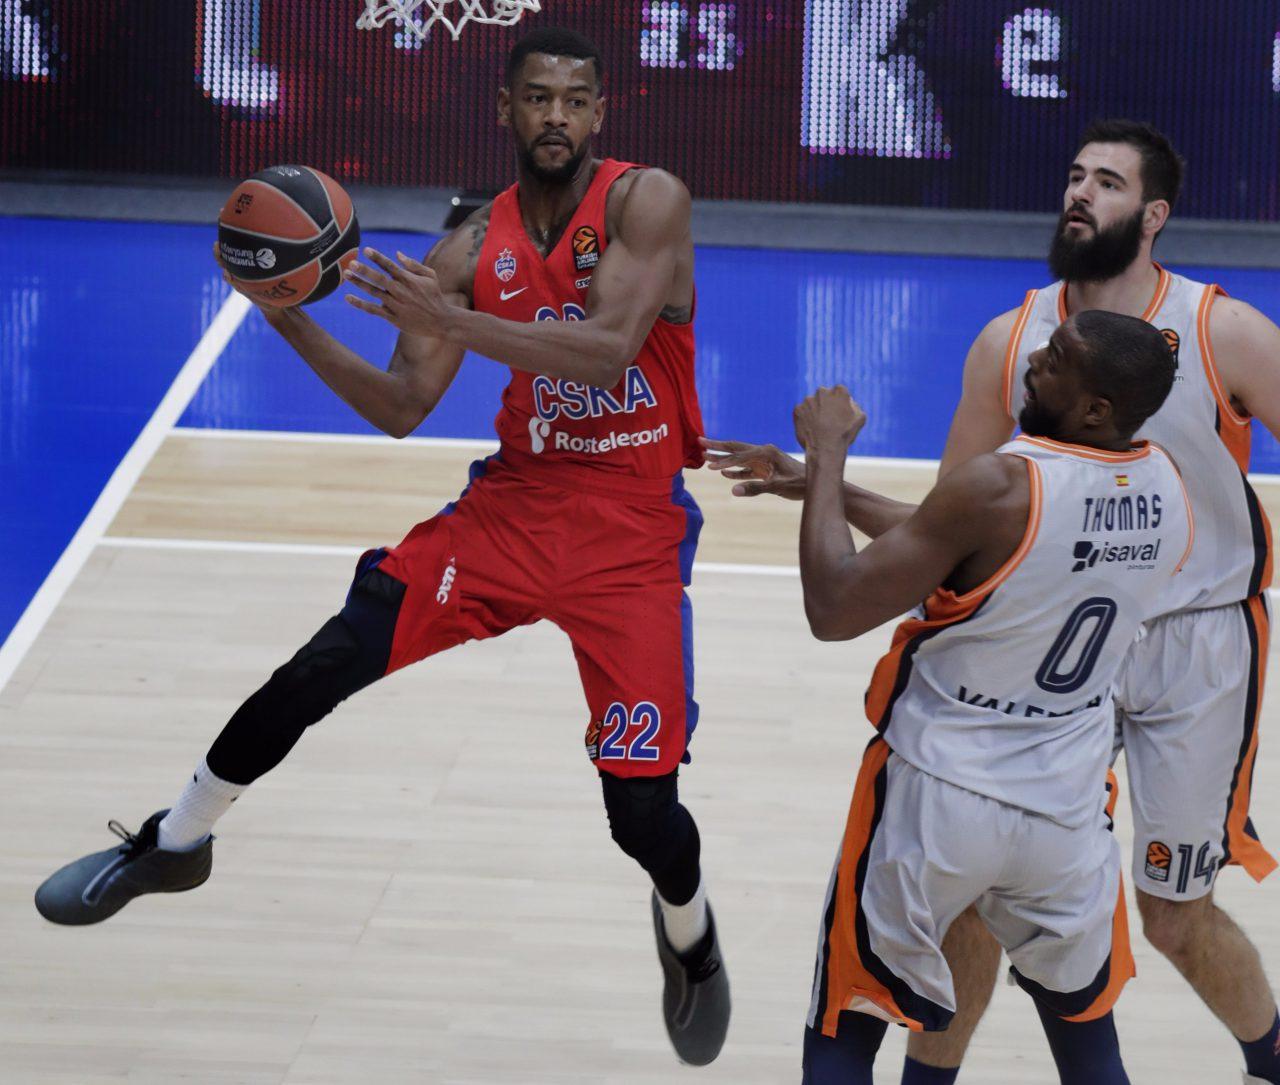 Московский баскетбольный клуб ЦСКА победил «Валенсию» и возглавил Евролигу